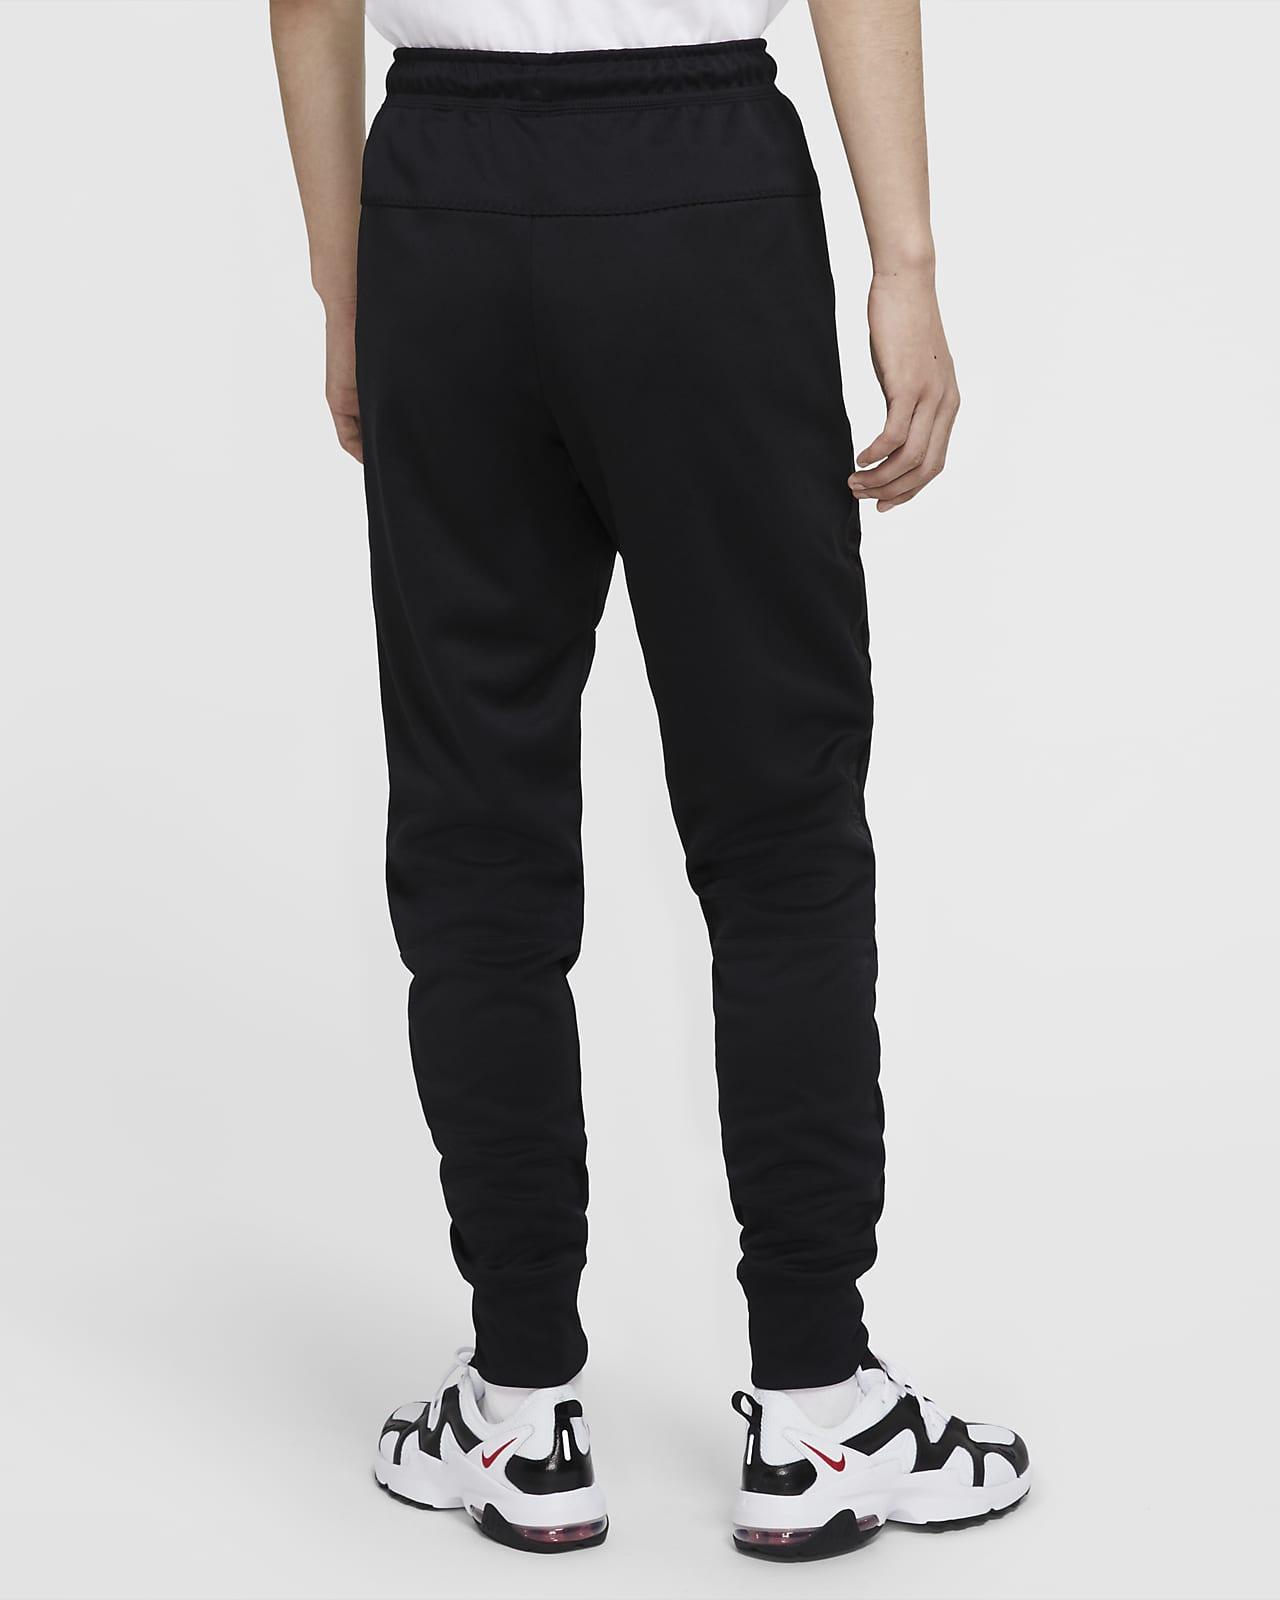 Pantalon Nike Sportswear Air Max pour Homme